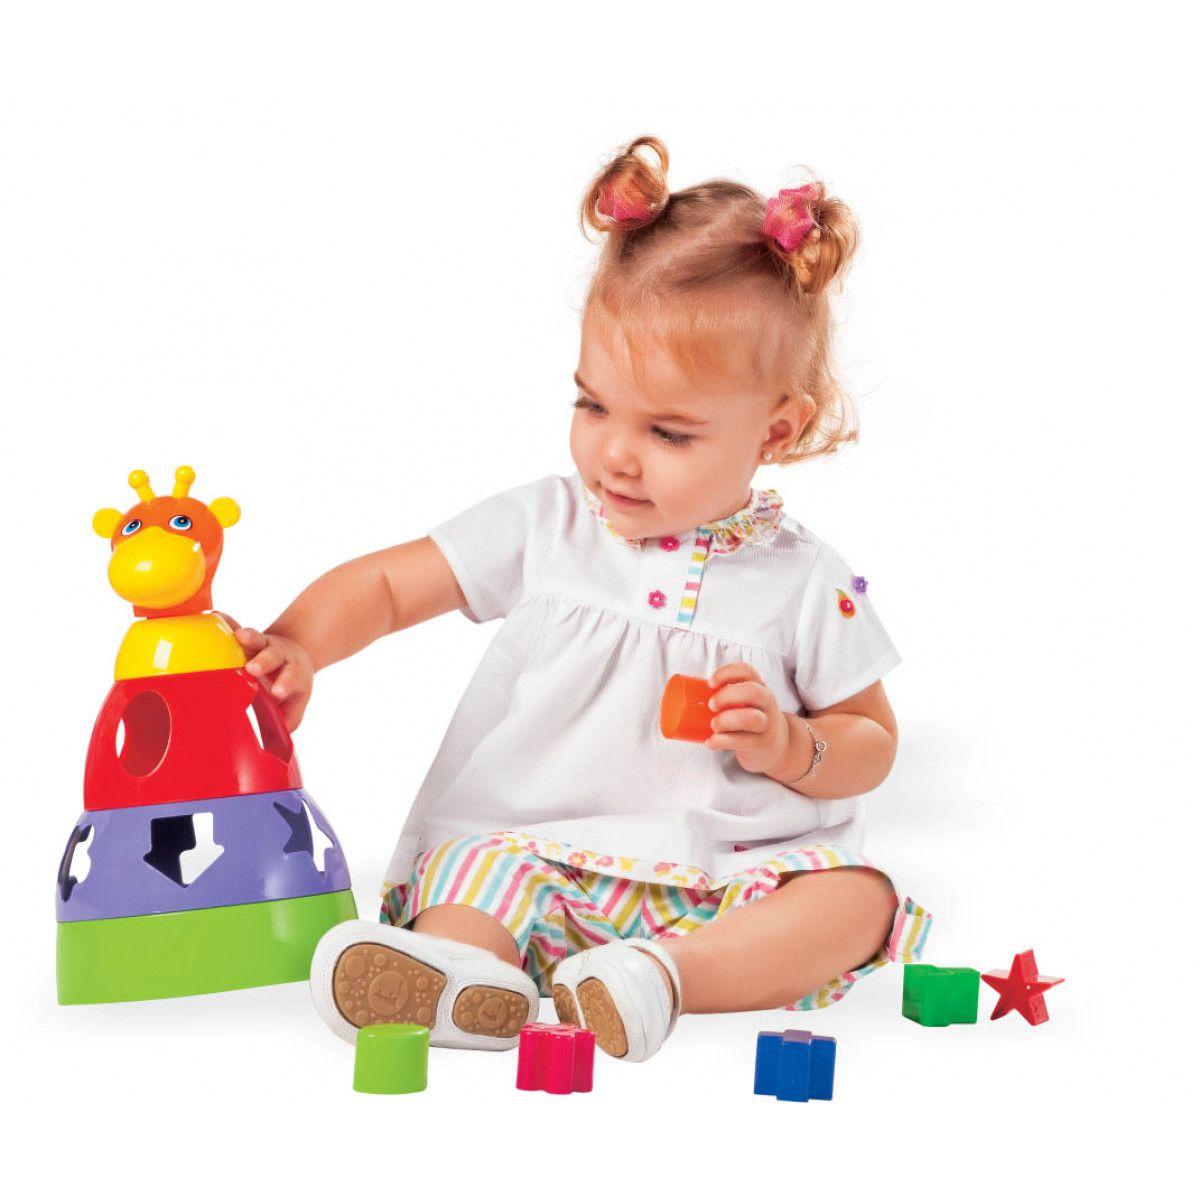 Girafa Brinquedo Didático Para Bebês com Formas Geométricas Mercotoys